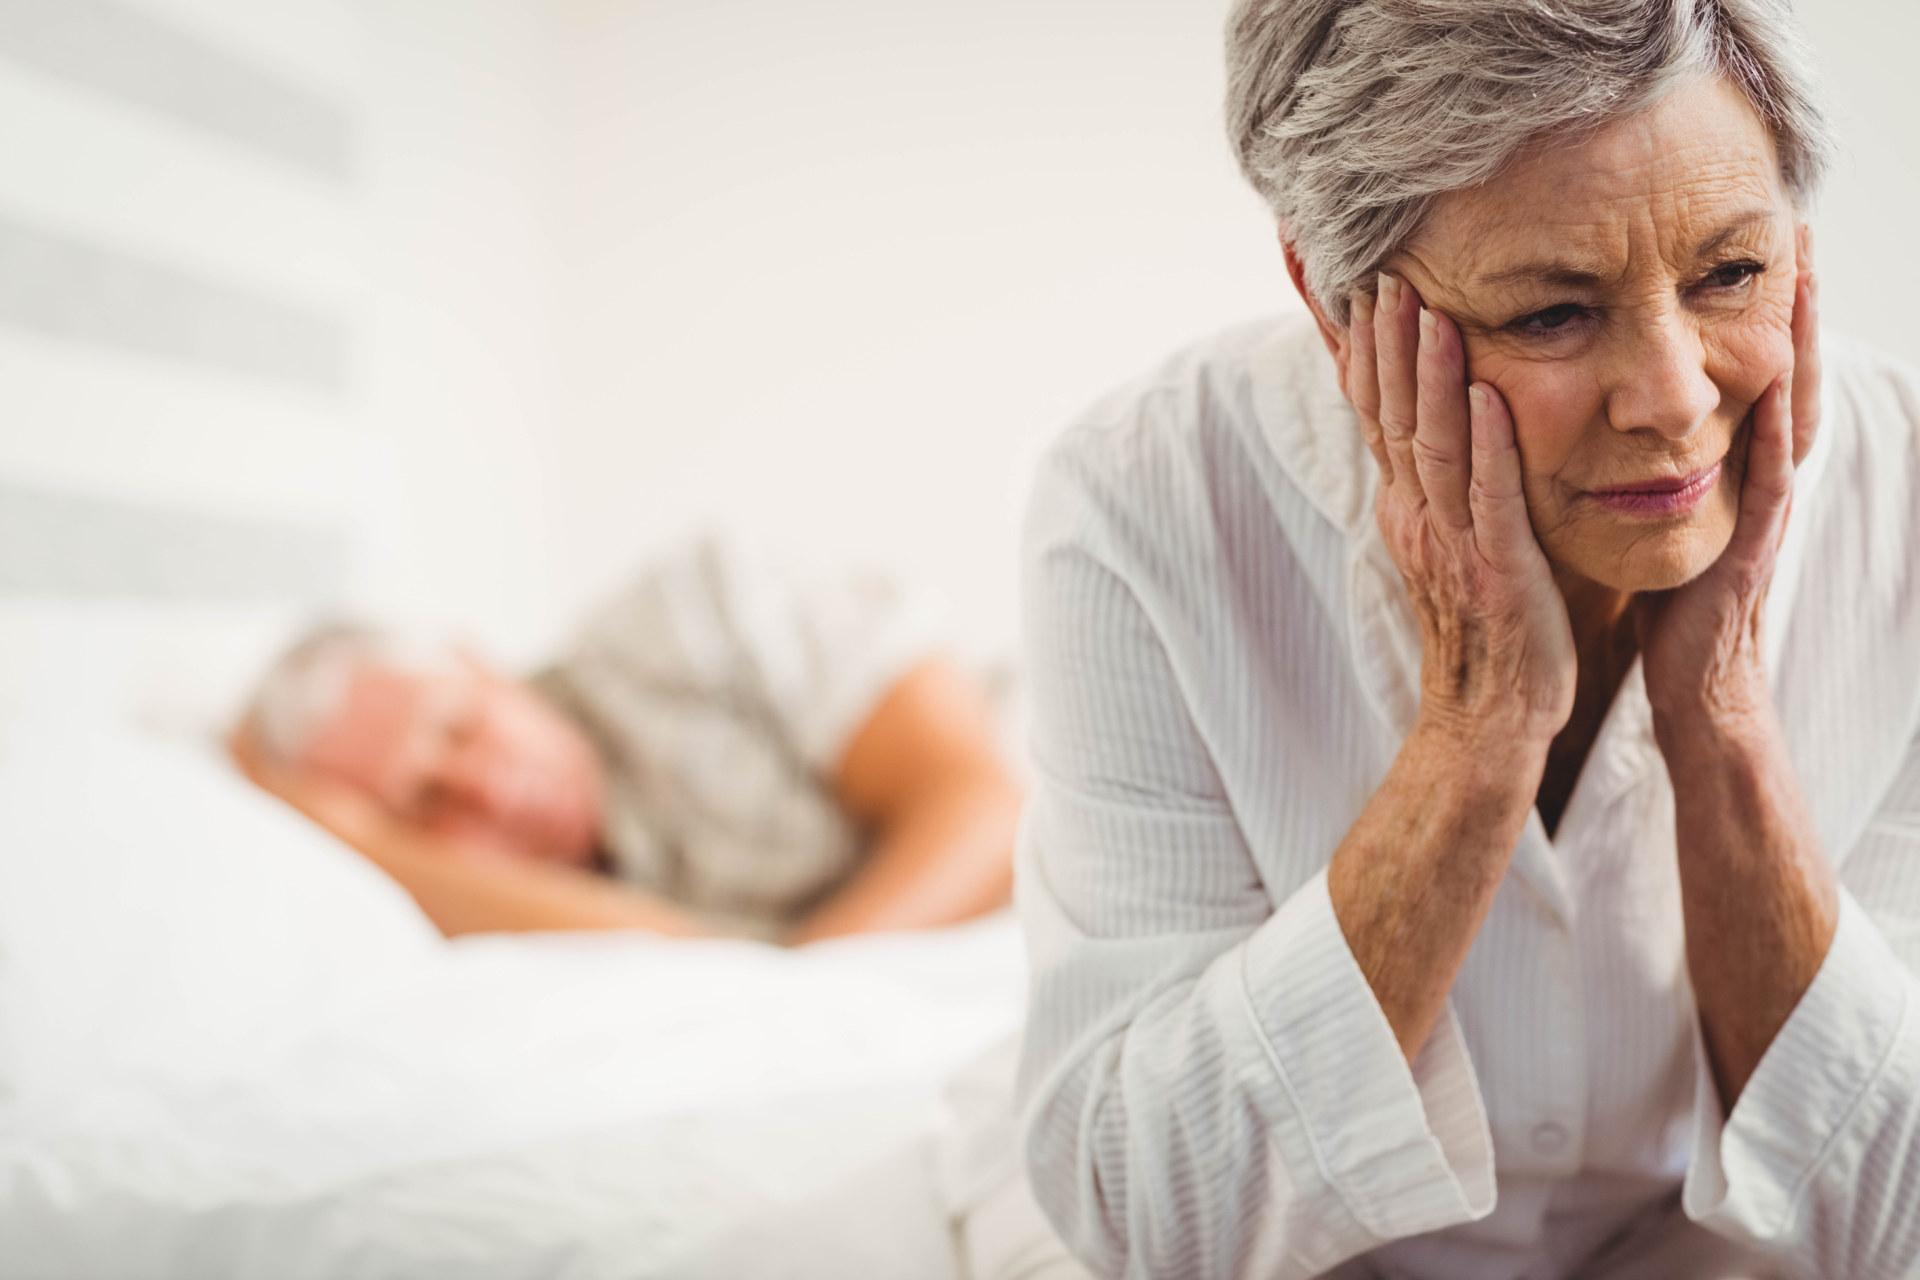 Na pierwszym planie starsza kobieta siedzi na łóżku, twarsz podpiera obydwoma rękami. Na drugim planie za nią śpi mężczyzna.